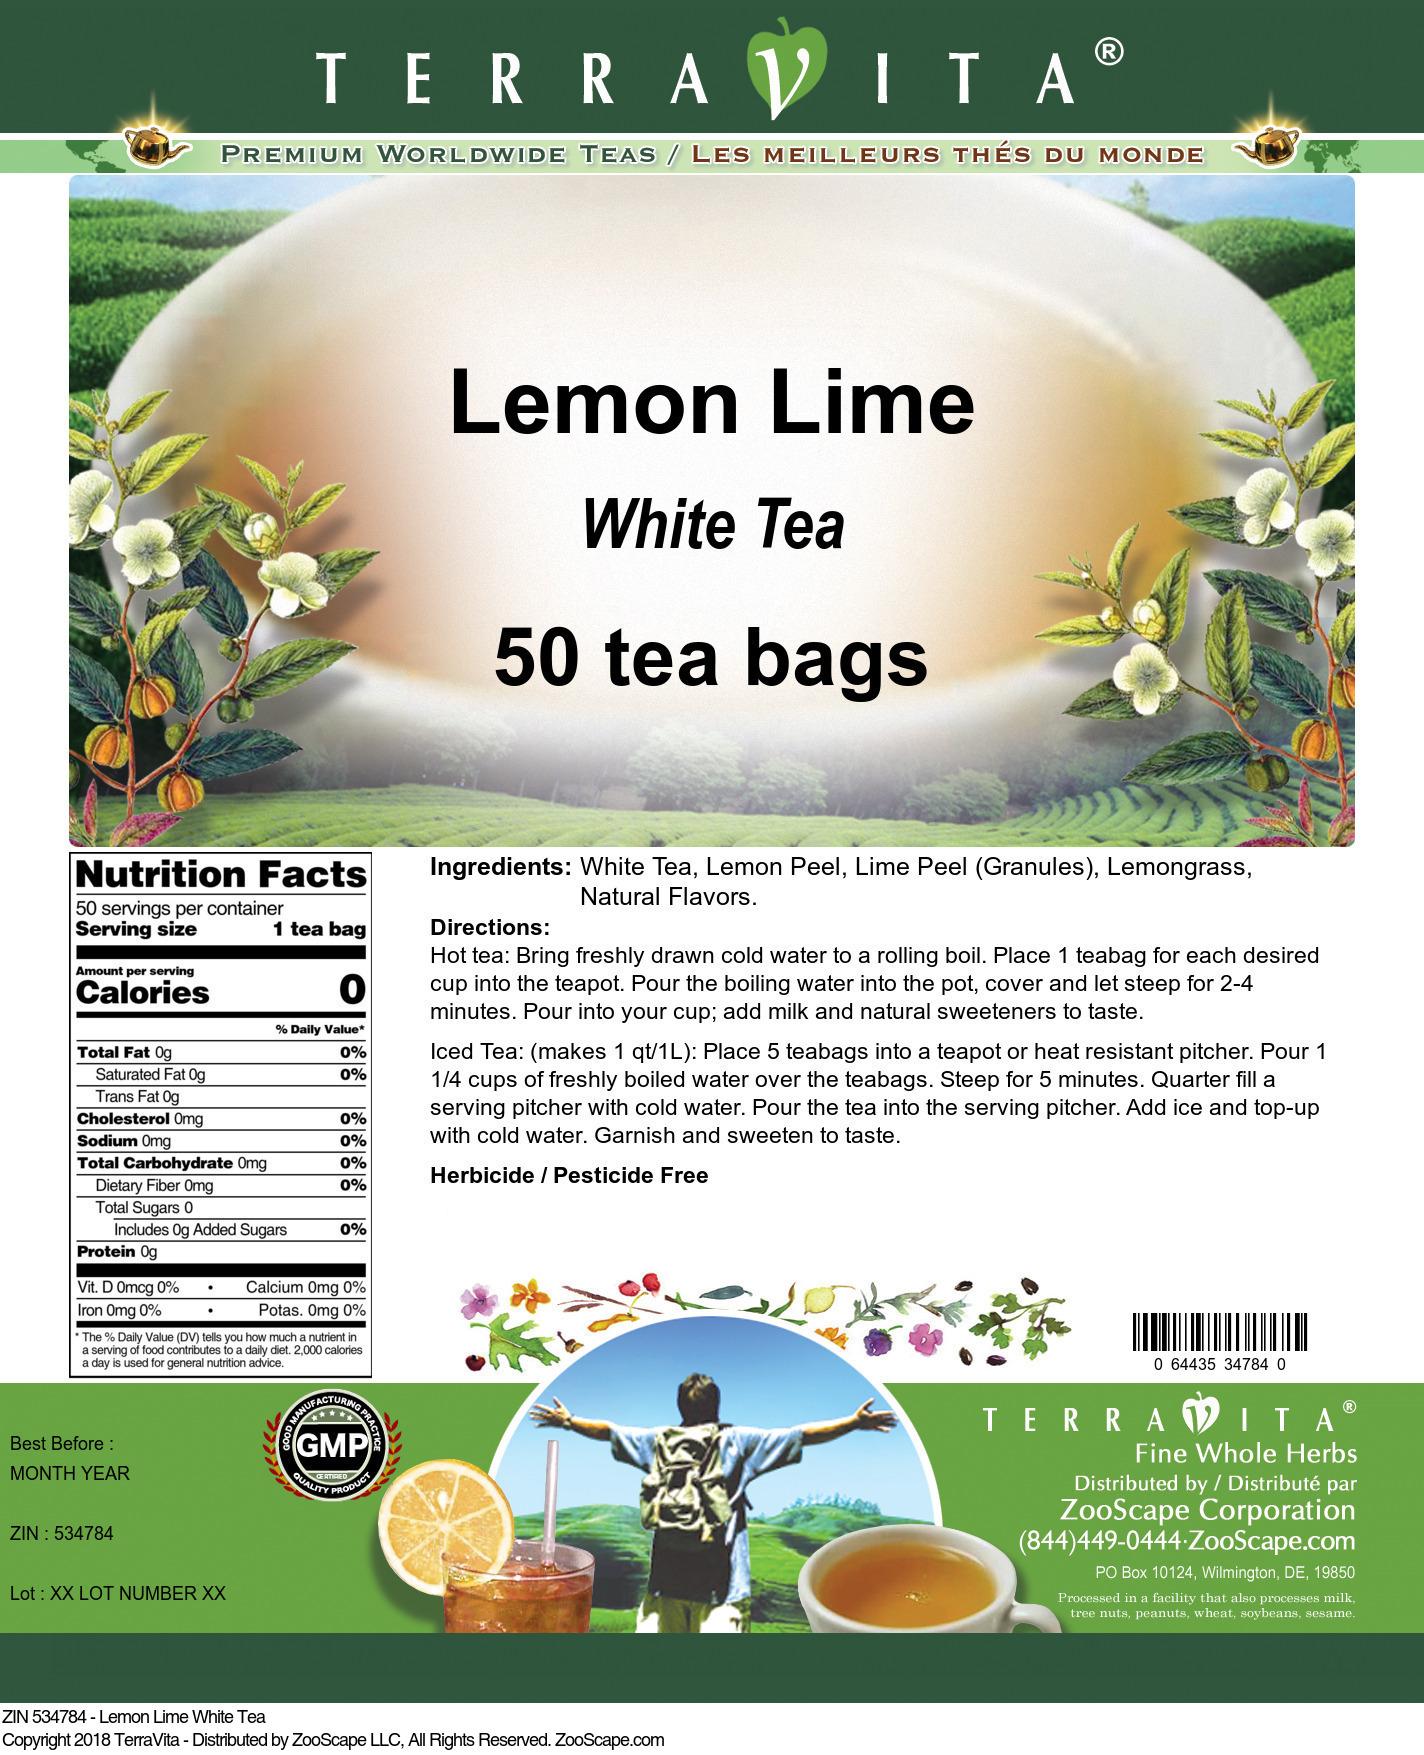 Lemon Lime White Tea